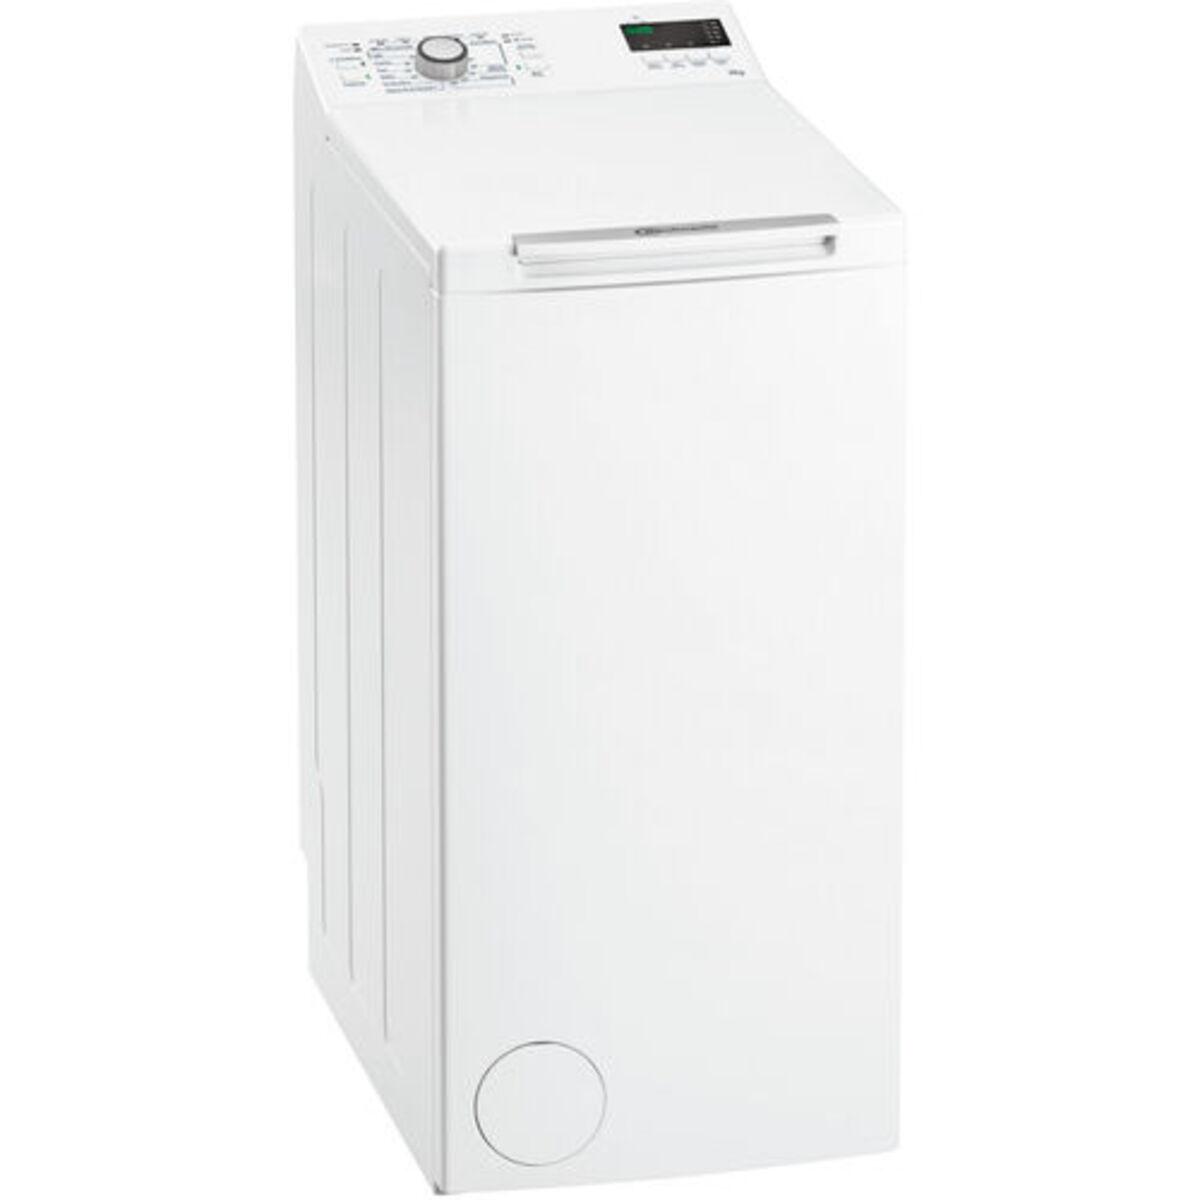 Bild 4 von Bauknecht WMT PRO 7USD Toplader-Waschmaschine, A+++